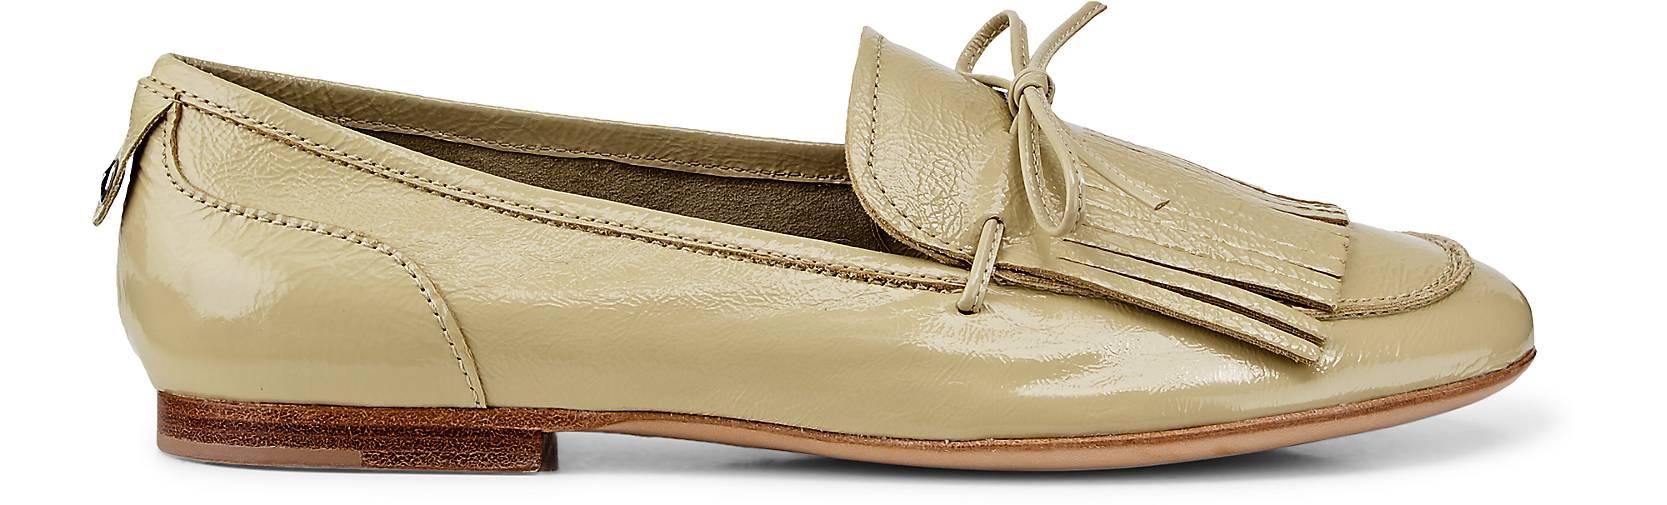 AGL Lack-Loafer in in in gelb kaufen - 47121804 GÖRTZ Gute Qualität beliebte Schuhe ad745d